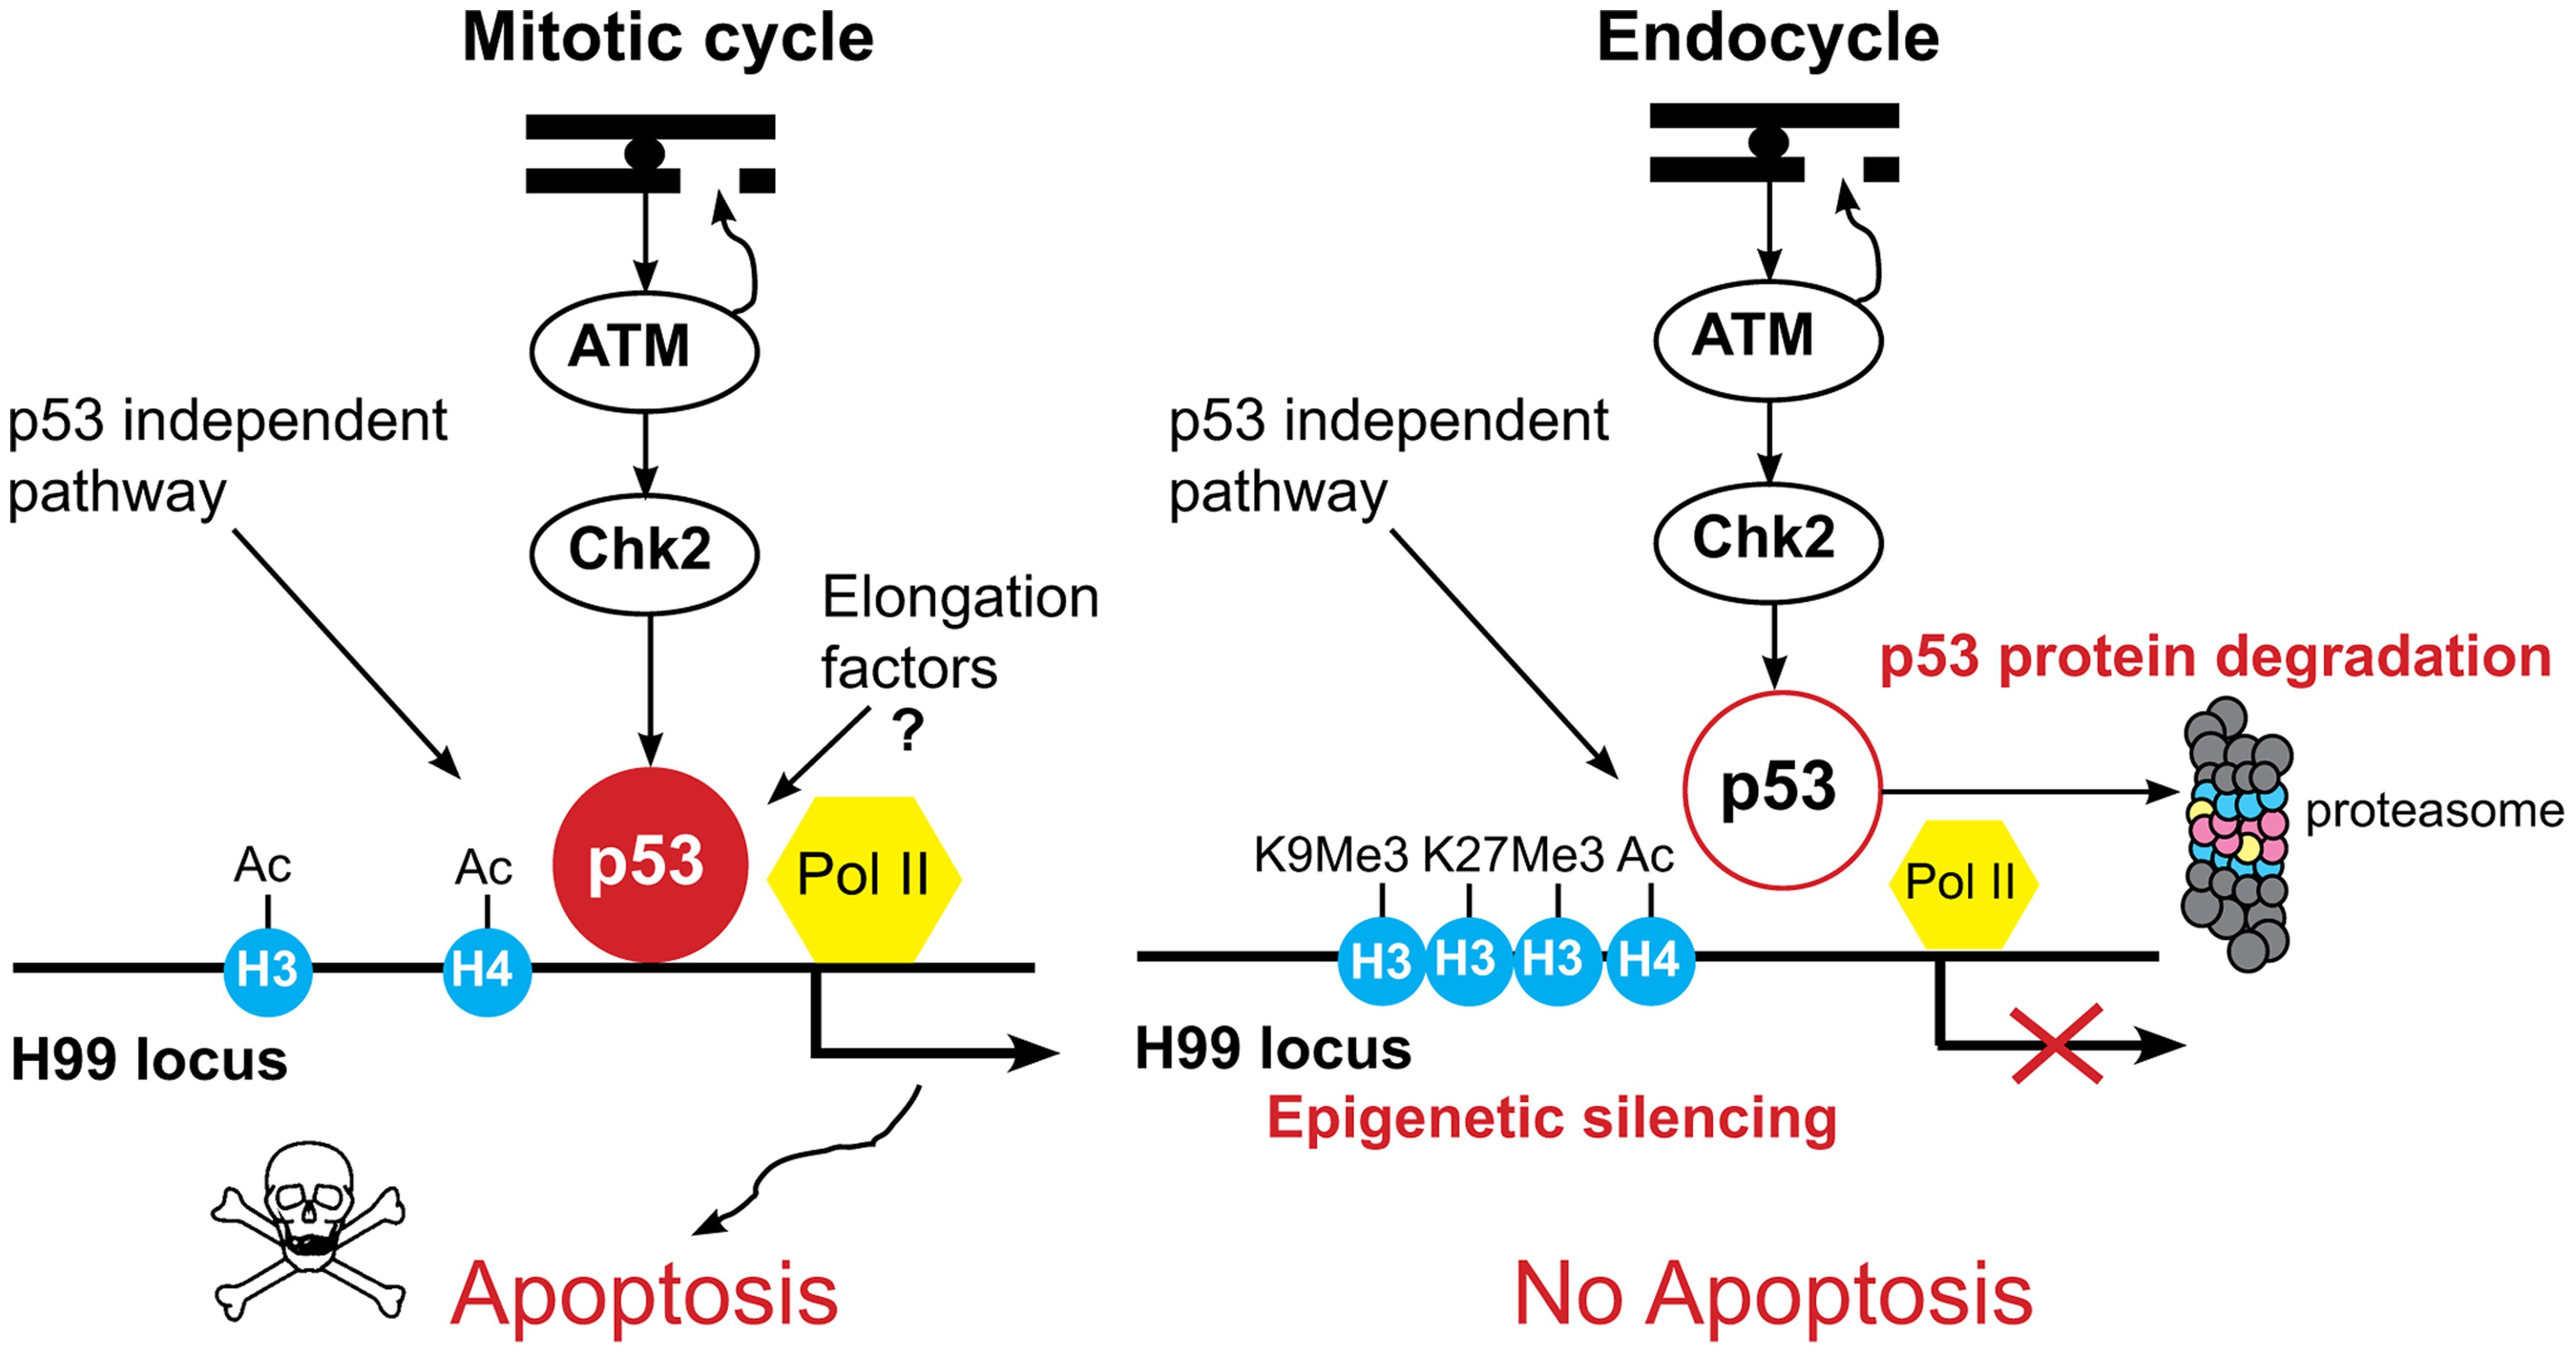 Model for tissue-specific apoptotic responses in <i>Drosophila</i>.